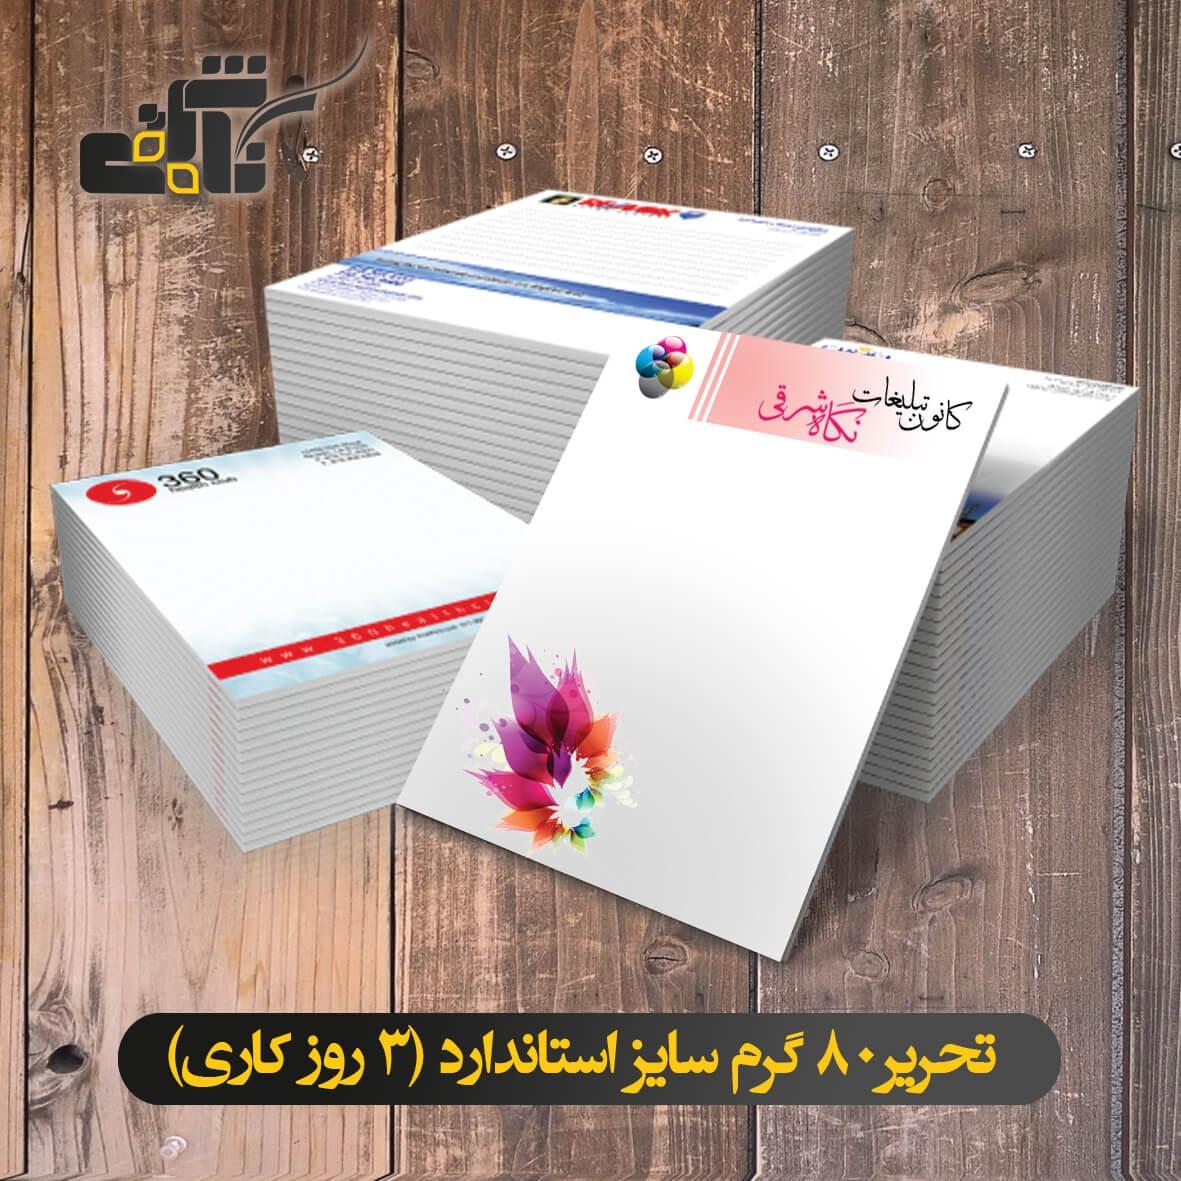 www.negahesharghiprint.com | فرم سربرگ رنگی تحریر 80 گرم سایز استاندارد (3 روز کاری)